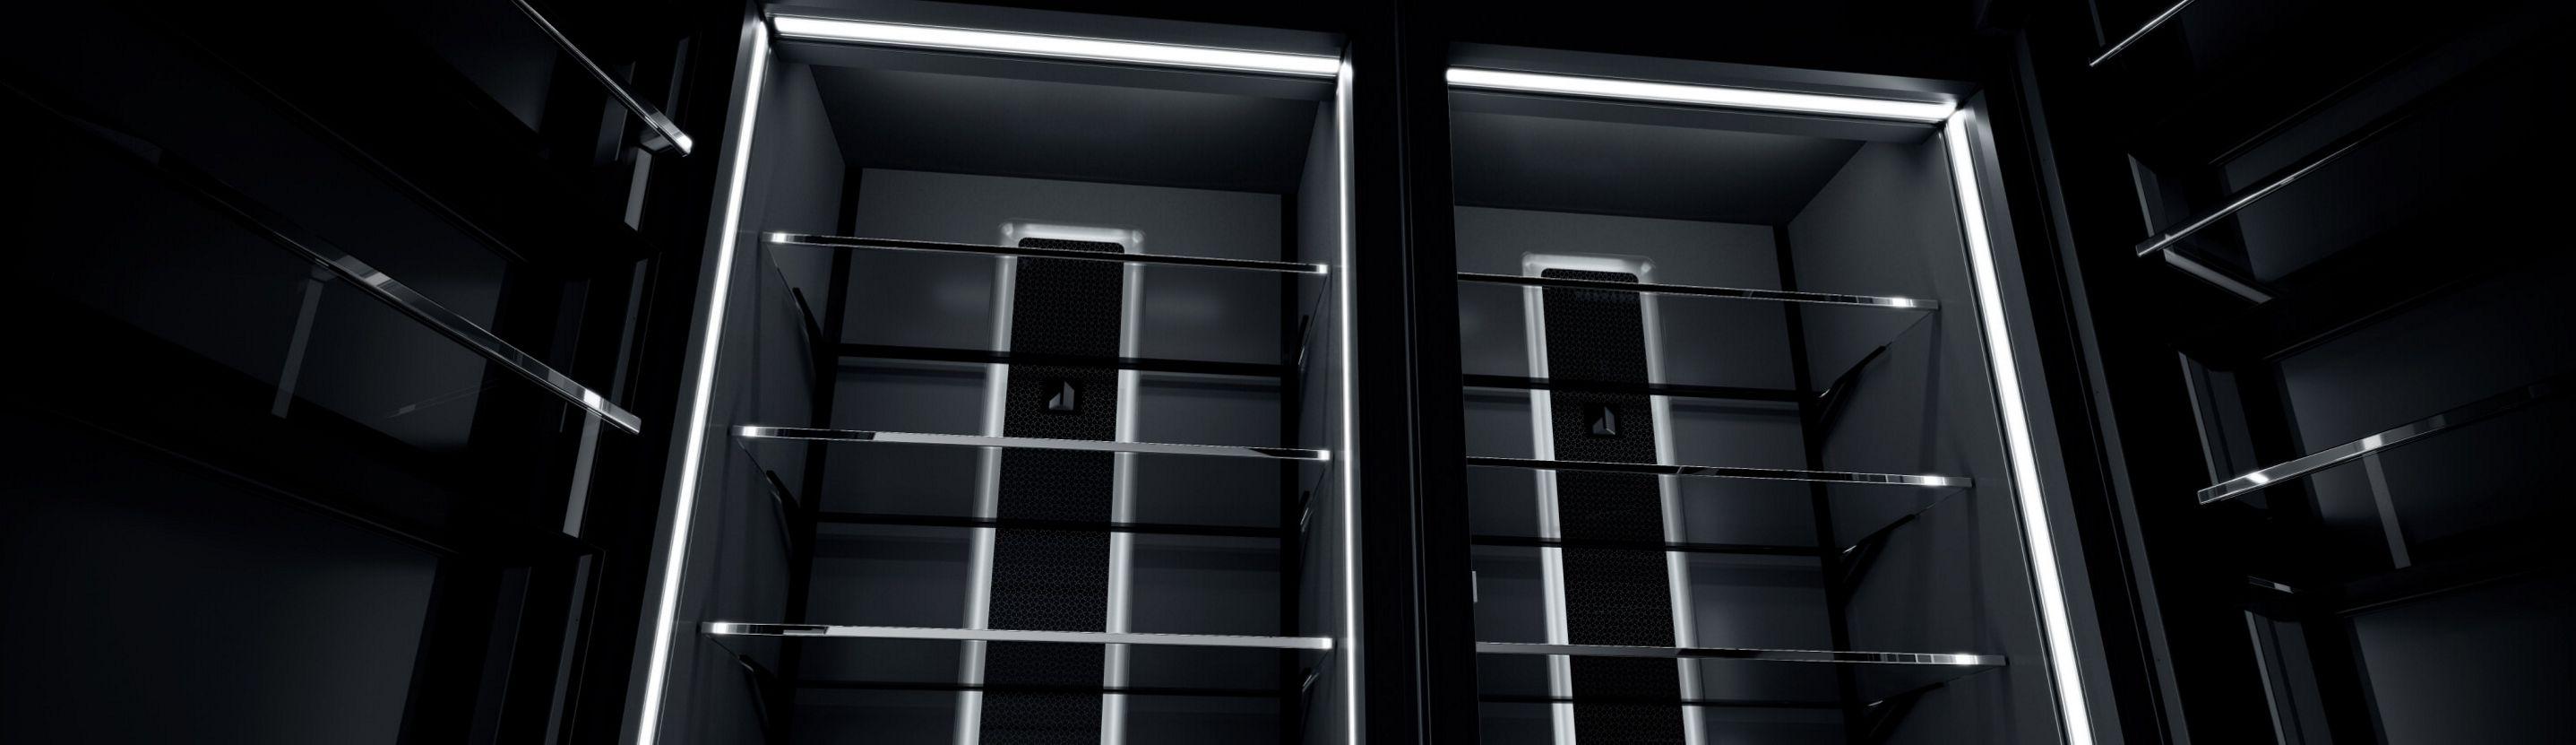 A pair of open columns.